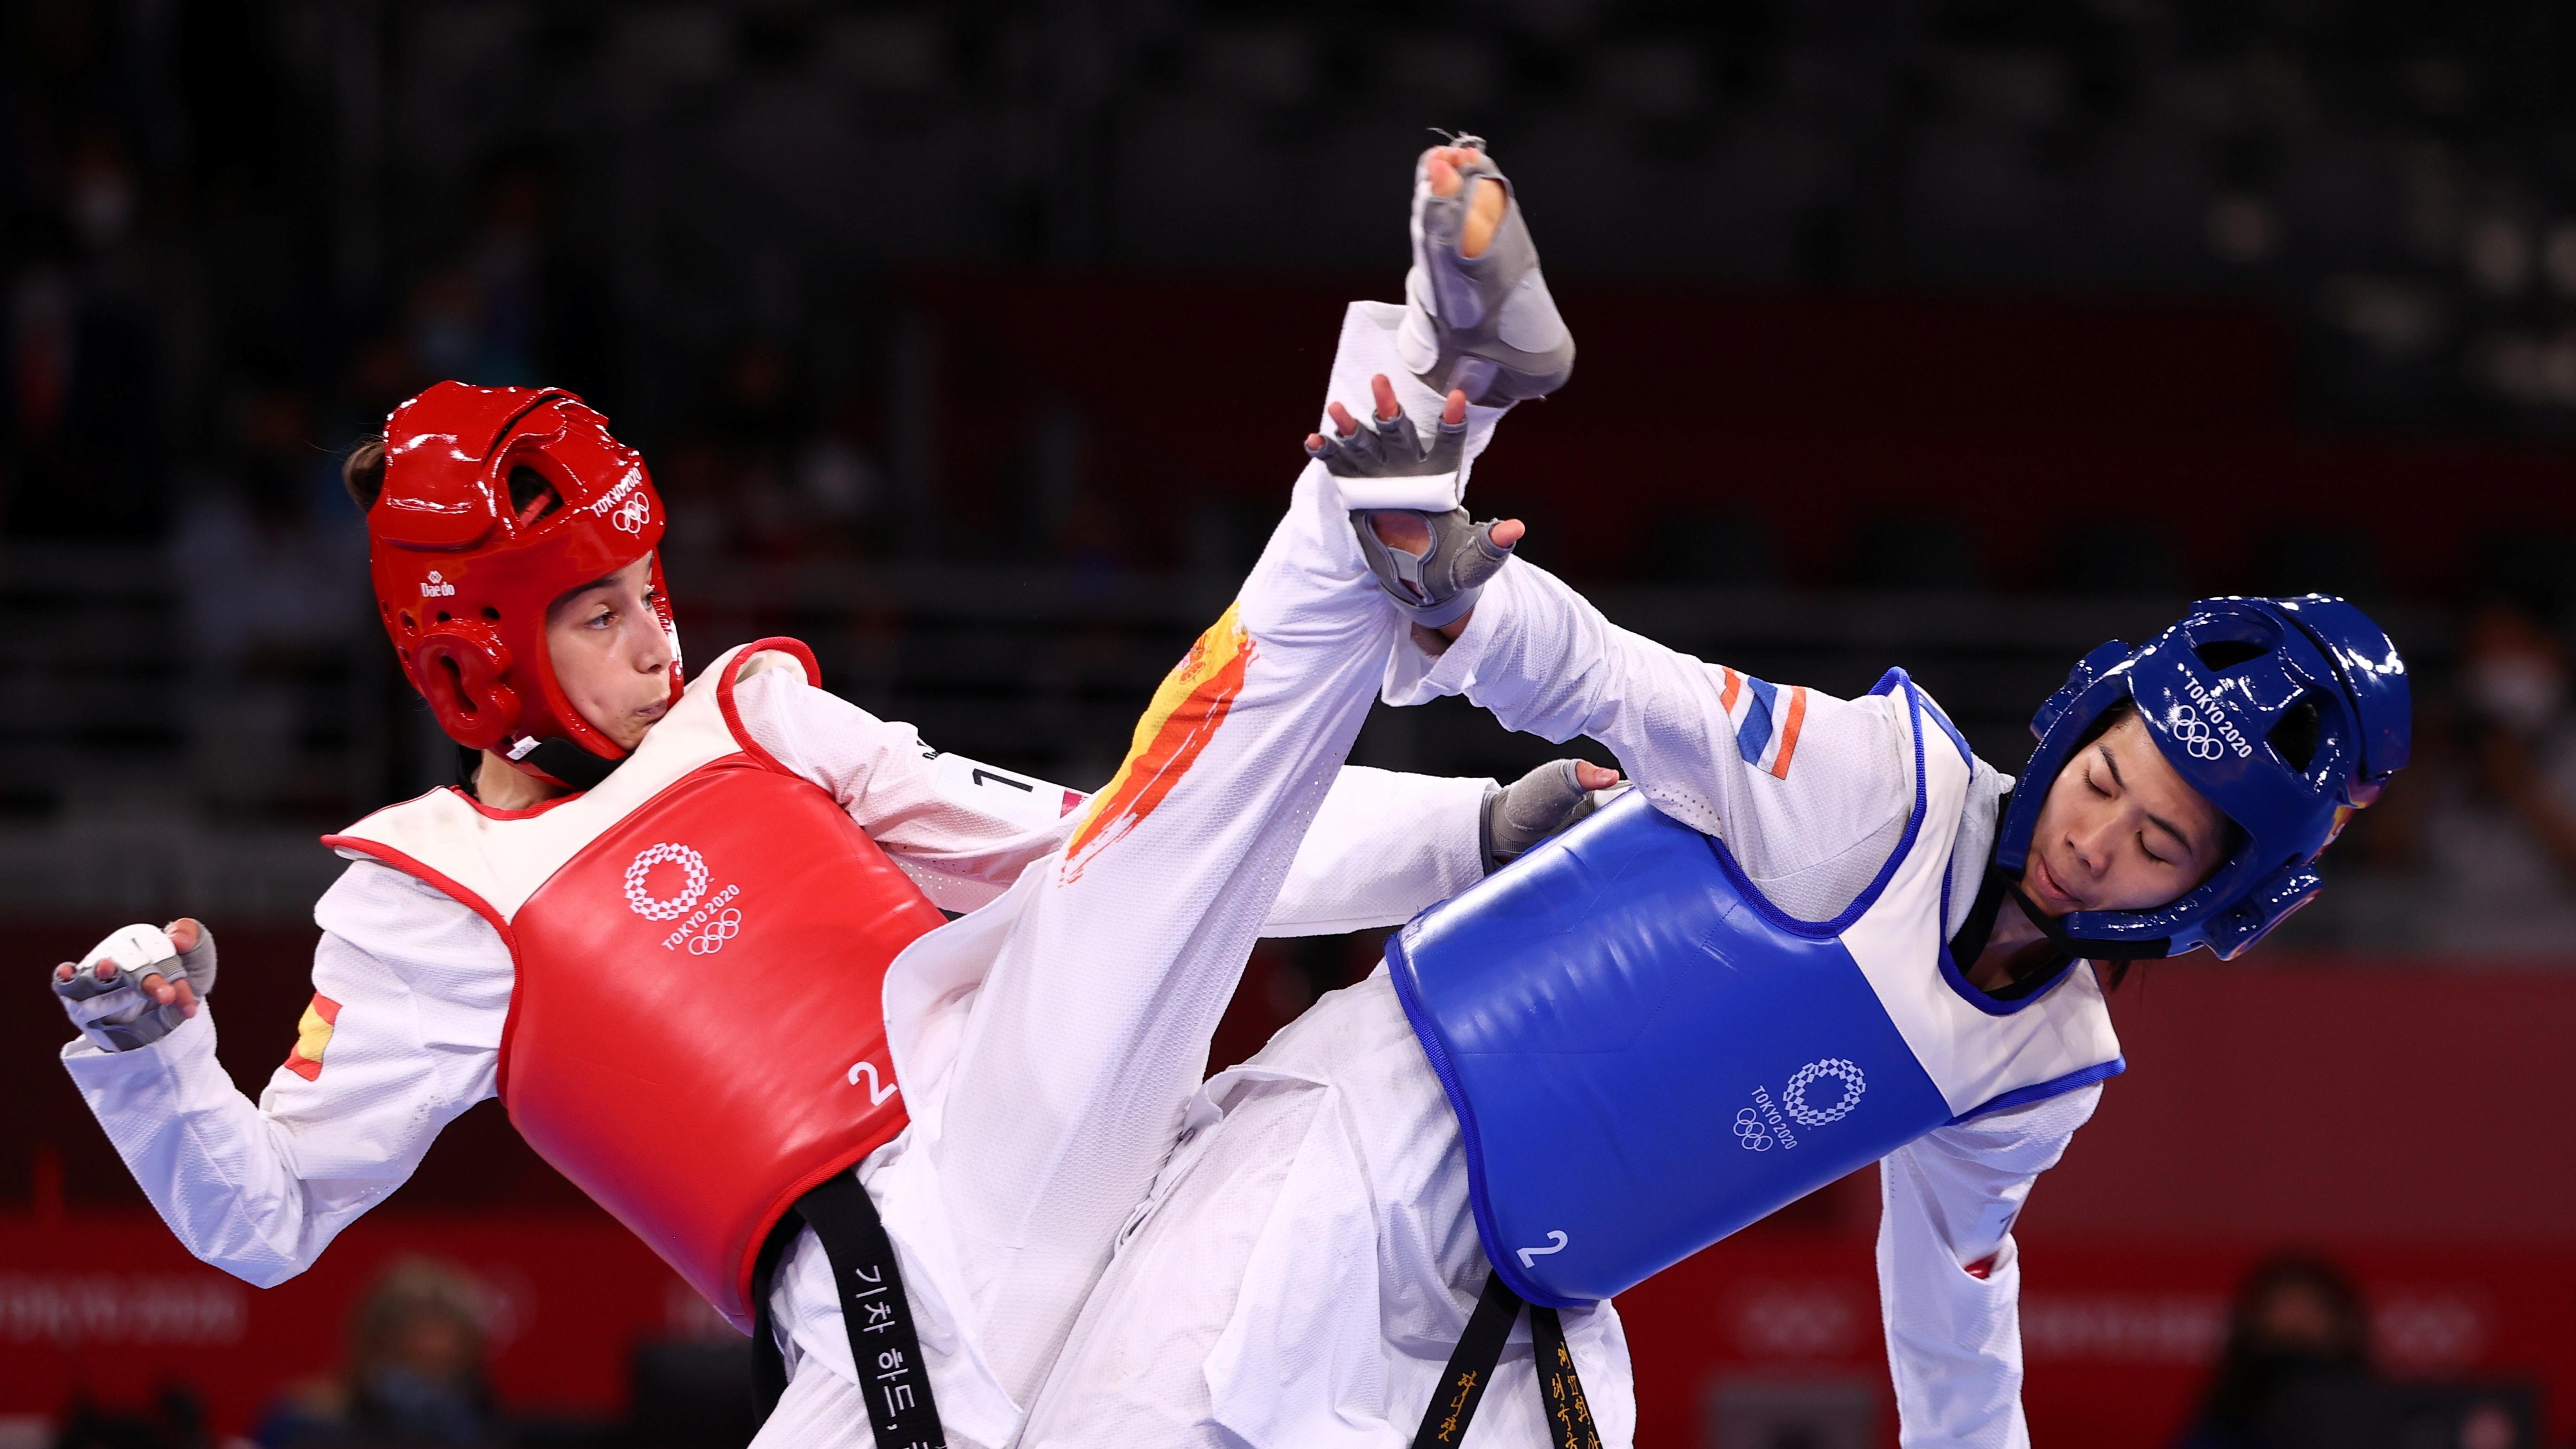 Wongpattanakit (giáp xanh) giành HCV hạng 49 kg nữ. Ảnh: Reuters.